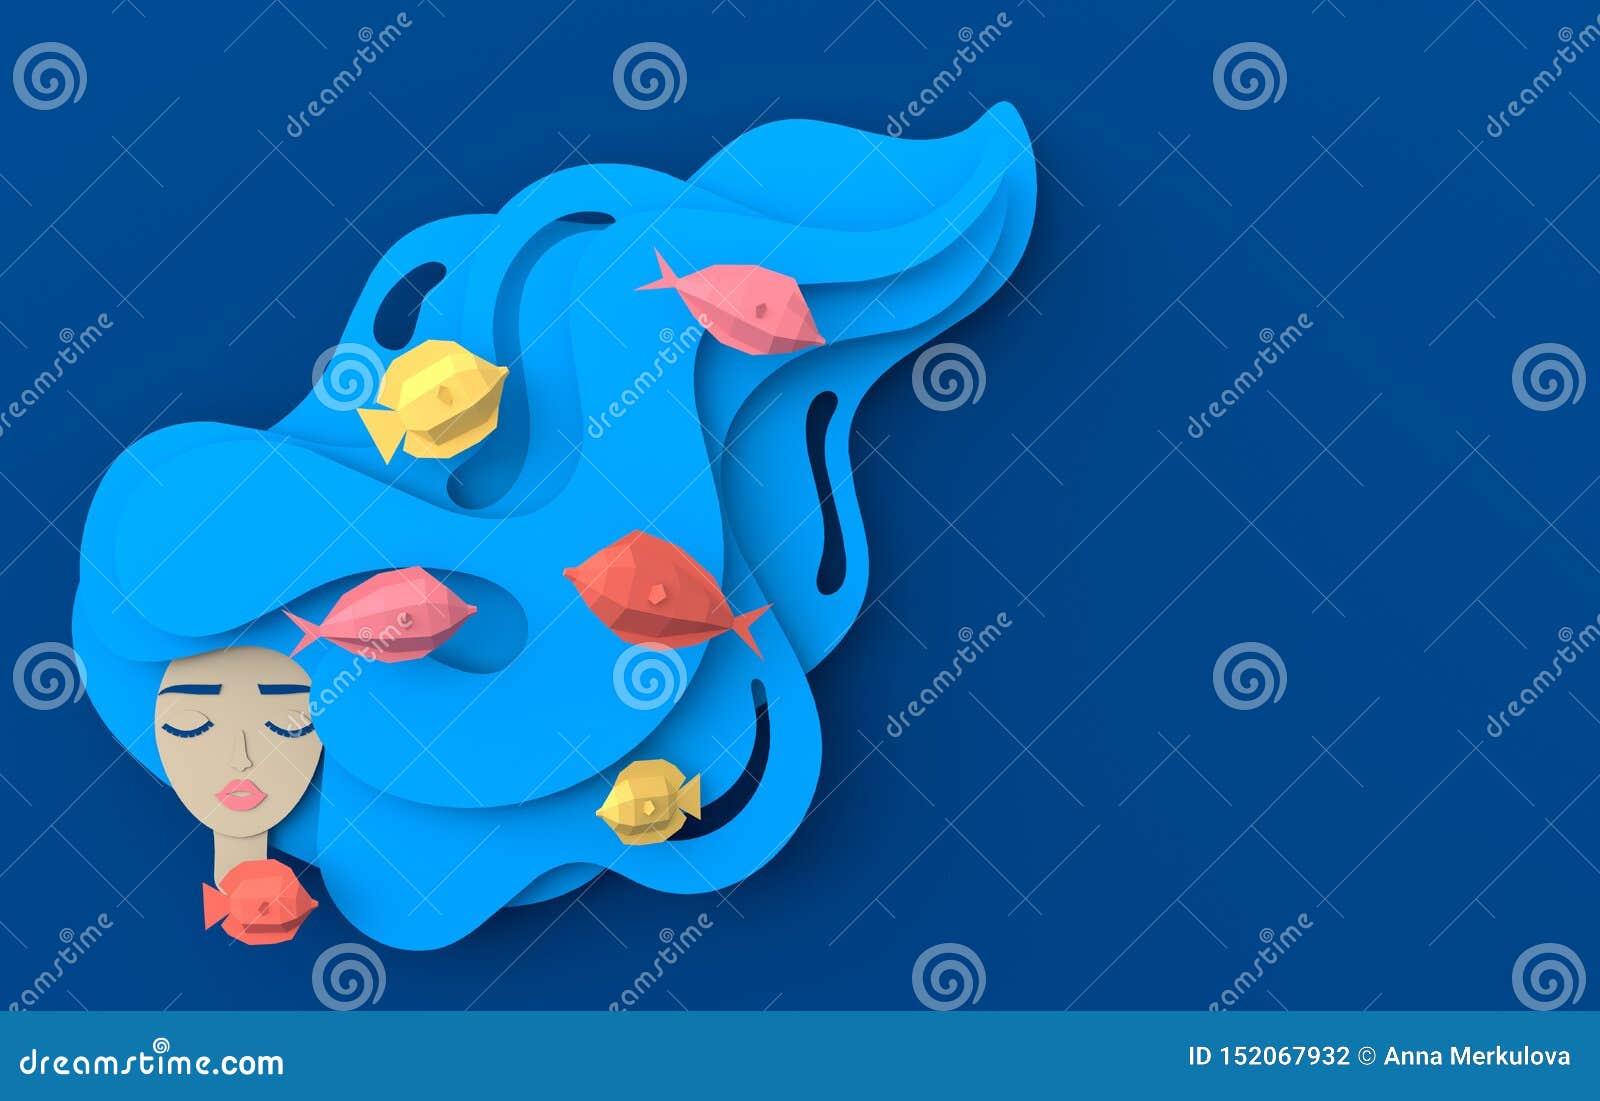 3d rendono il ritratto di giovane bella sirena della donna con capelli ondulati lunghi Vita di mare subacquea di carta con i pesc